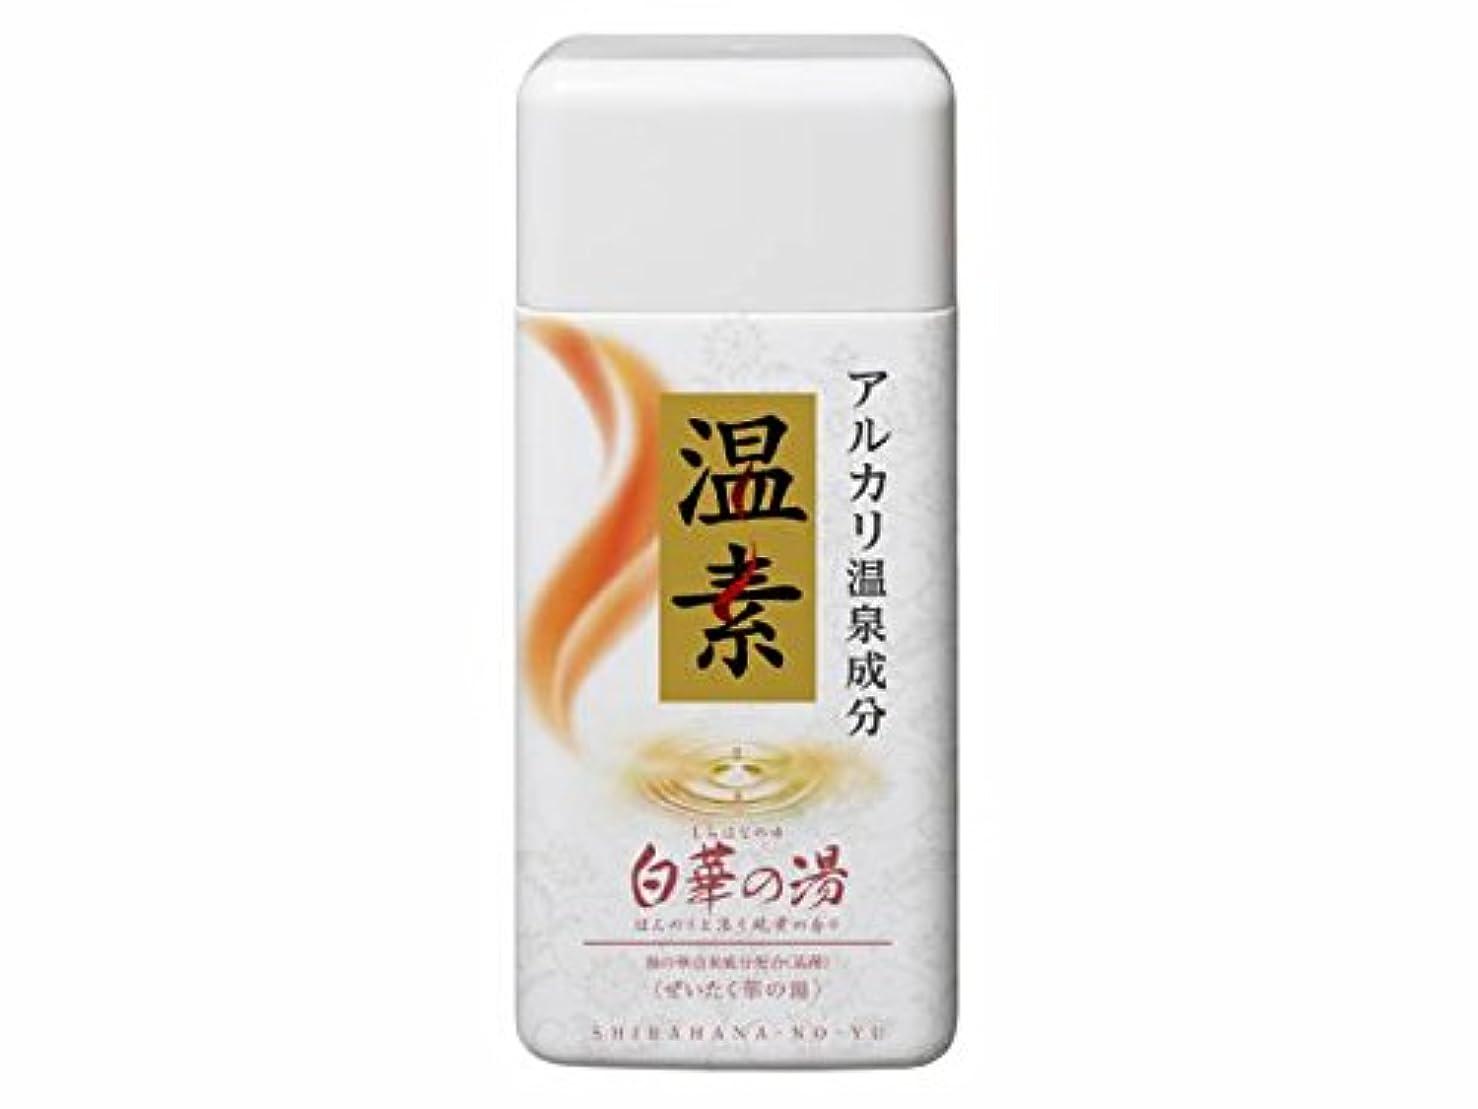 生きる悲しいことにバリアアース製薬 温素 白華の湯 600g×16点セット  医薬部外品 白く輝くなめらかな「硫黄の湯」の極上の湯ざわりを追求した入浴剤